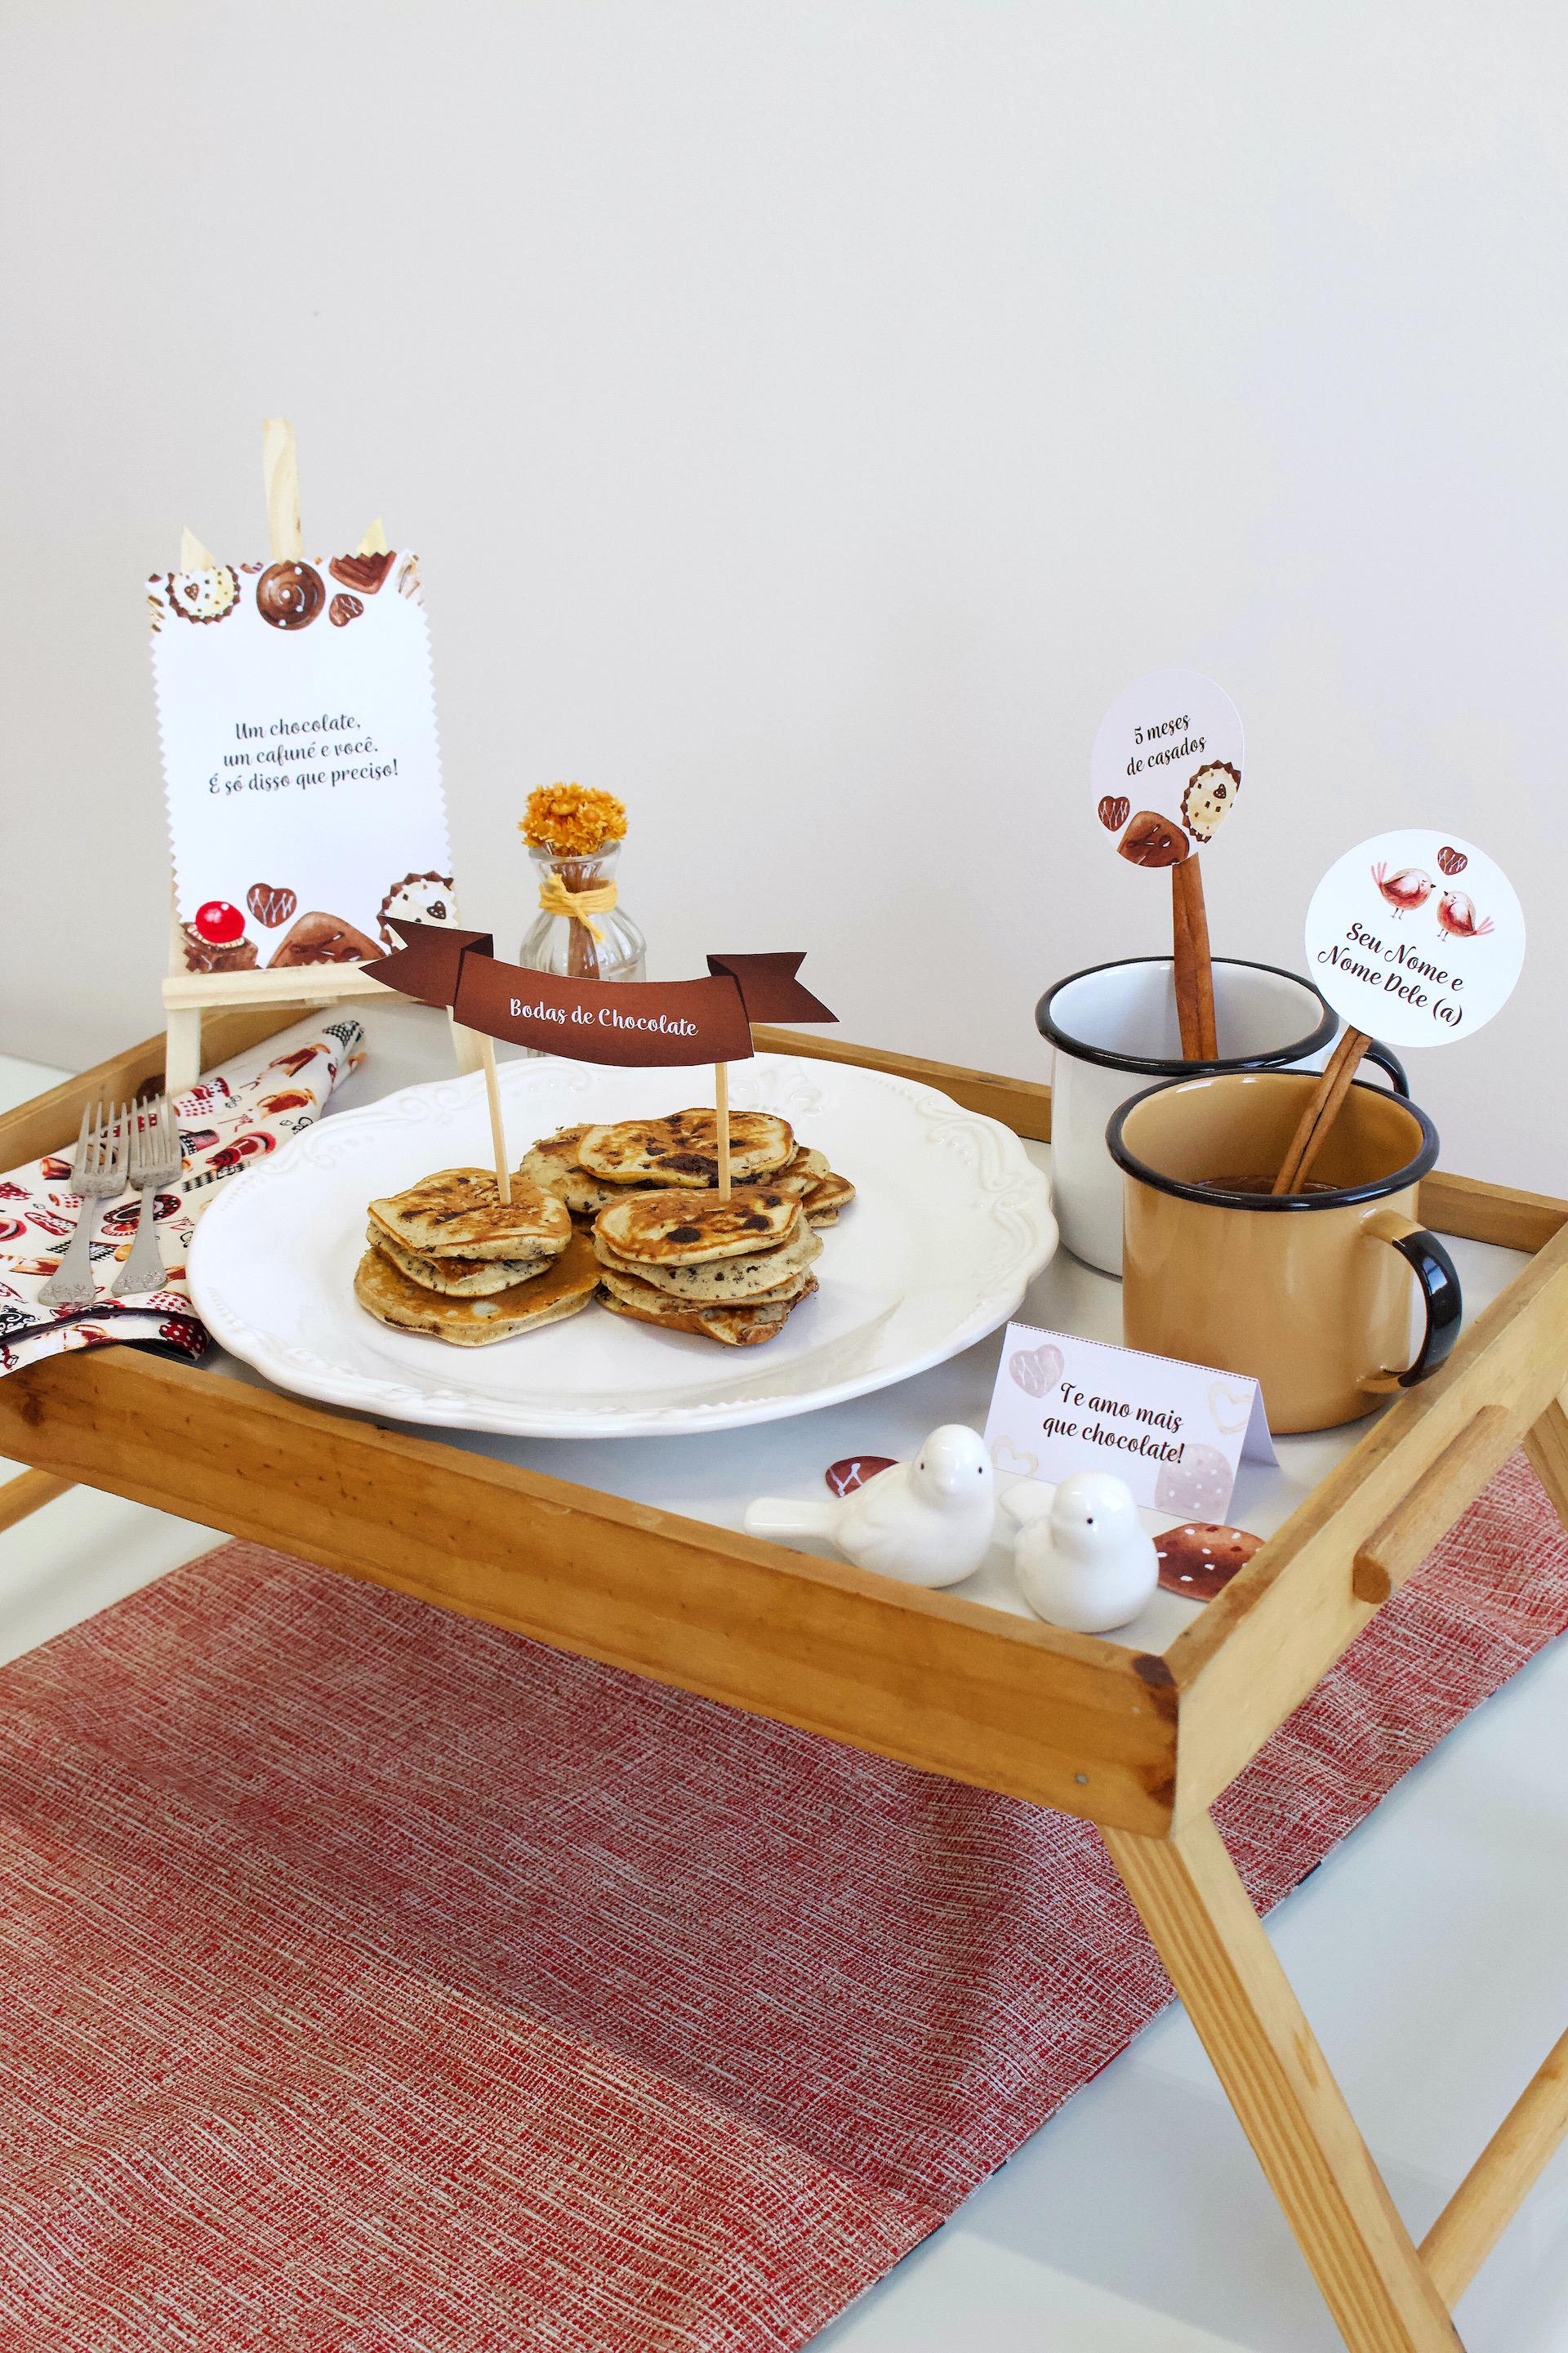 Bodas de Chocolate bandeja de café da manhã romântico